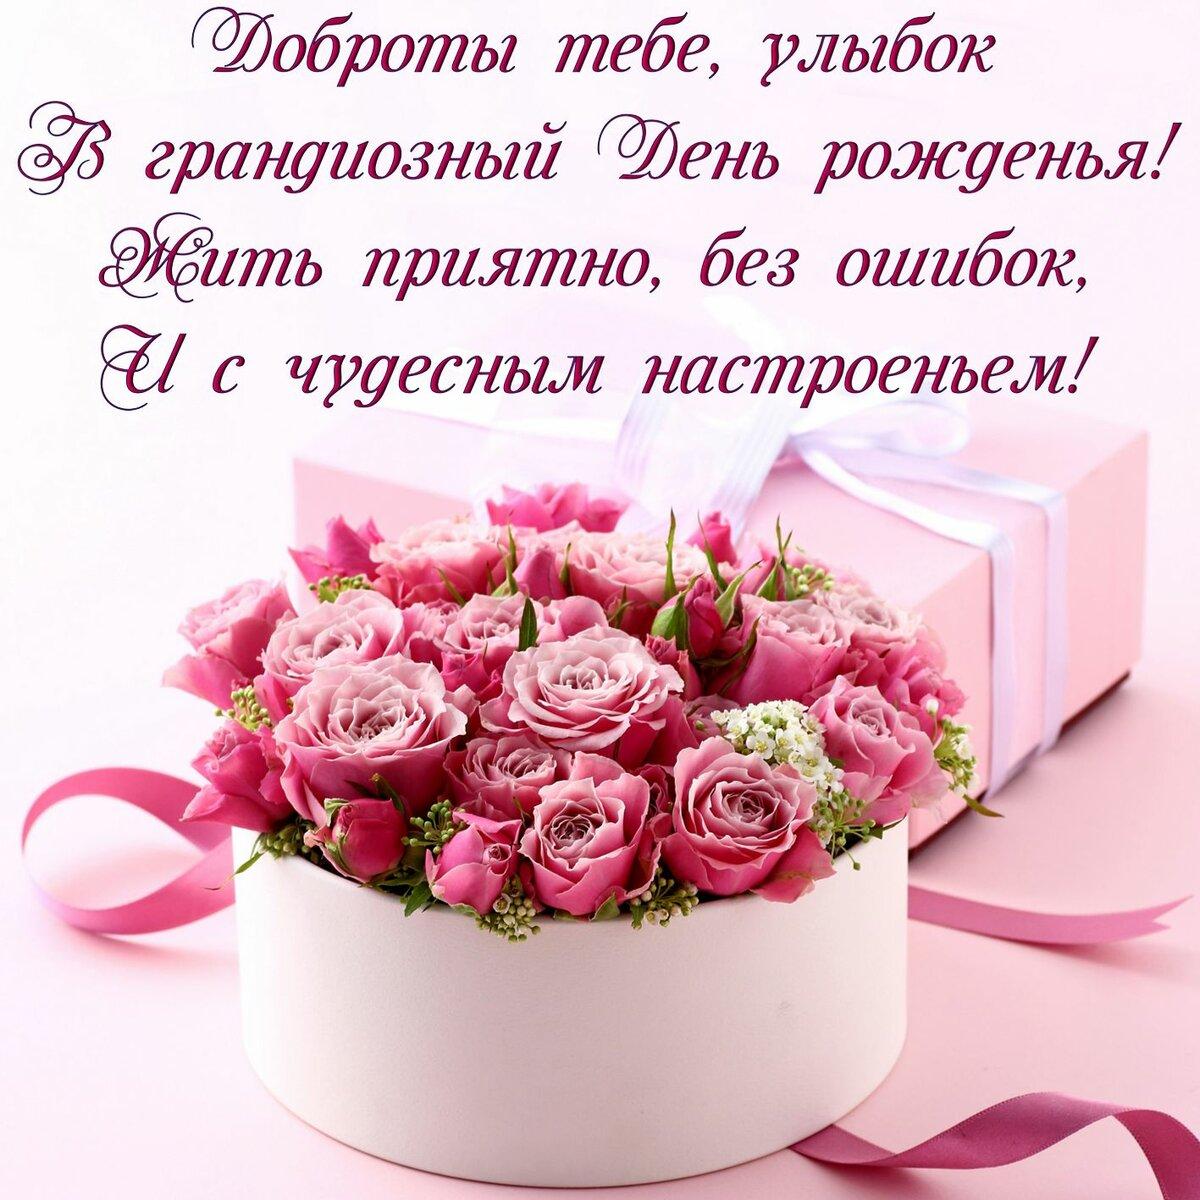 Открытки с днем рождения женщине красивые с розами и текстом